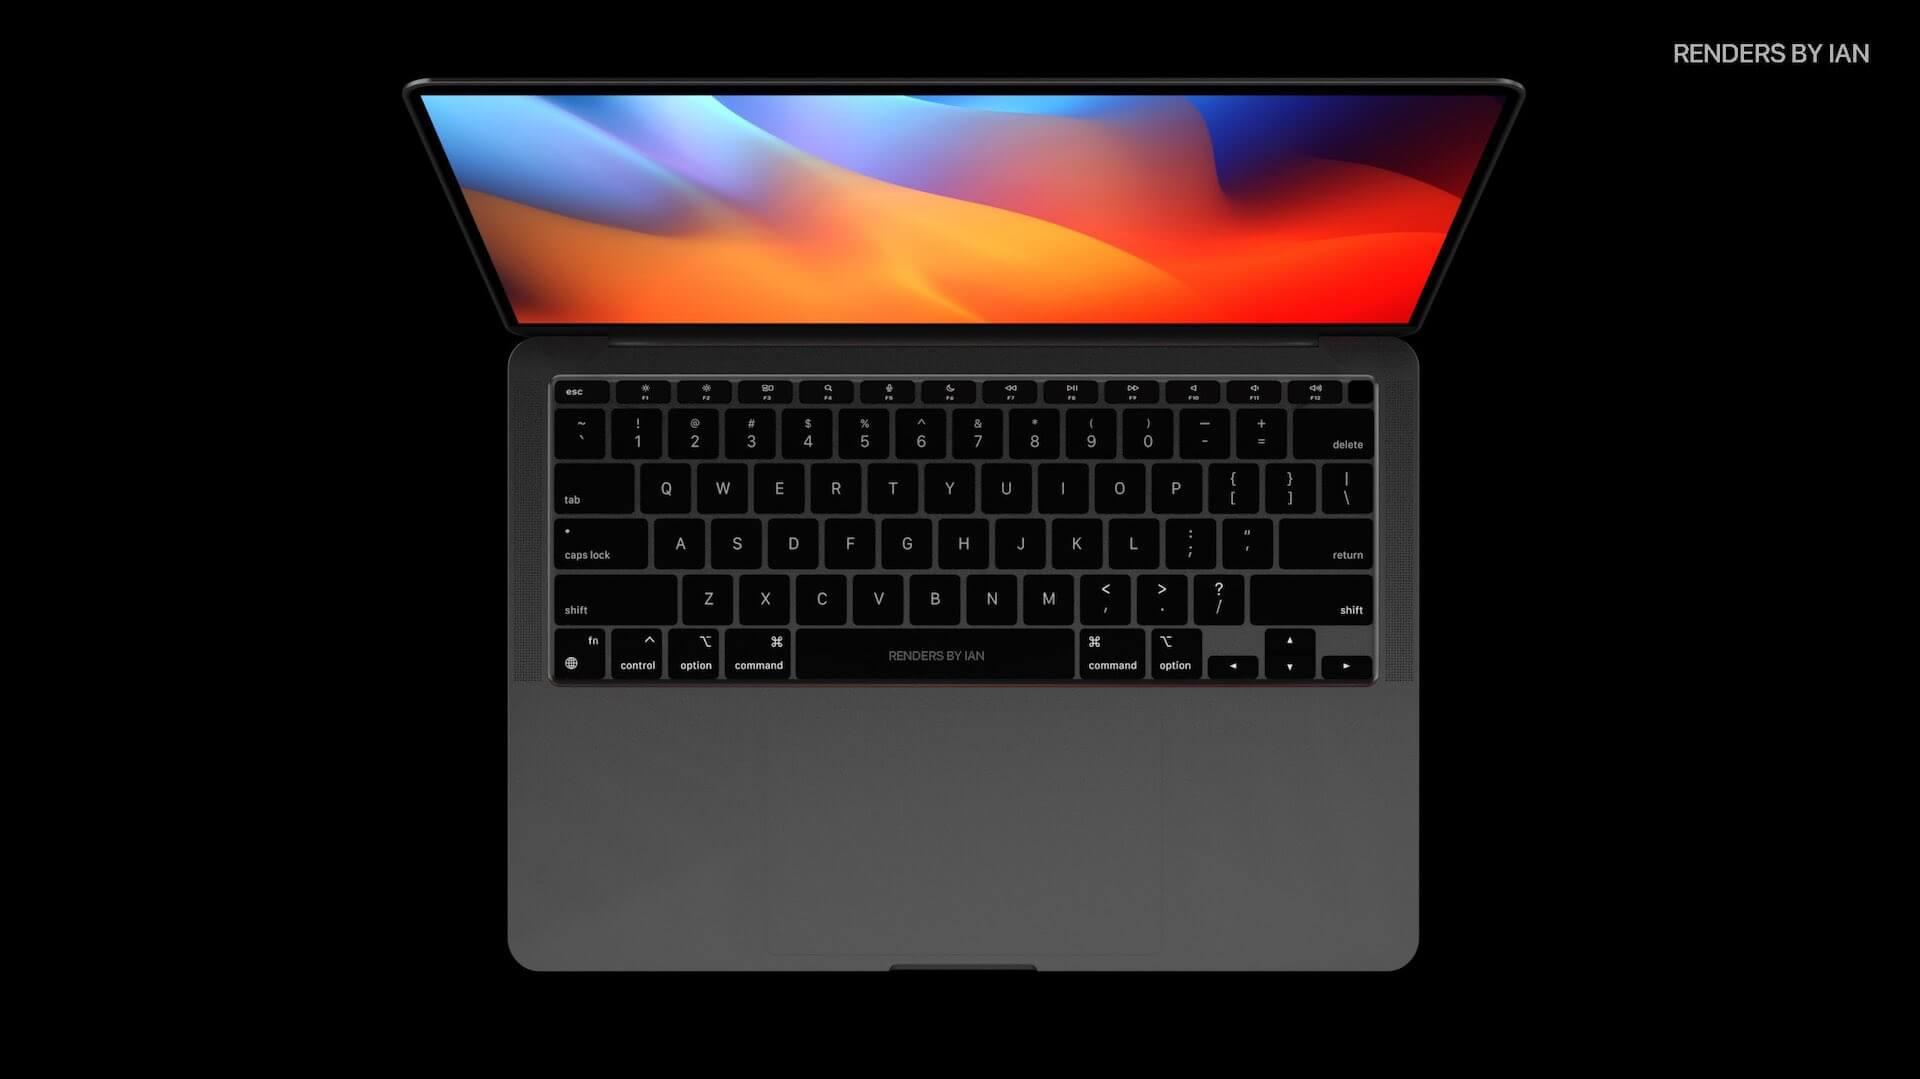 デザイン刷新の新型MacBook Proは今年中の発表も、発売までラグが発生する? tech210518_macbookpro_1